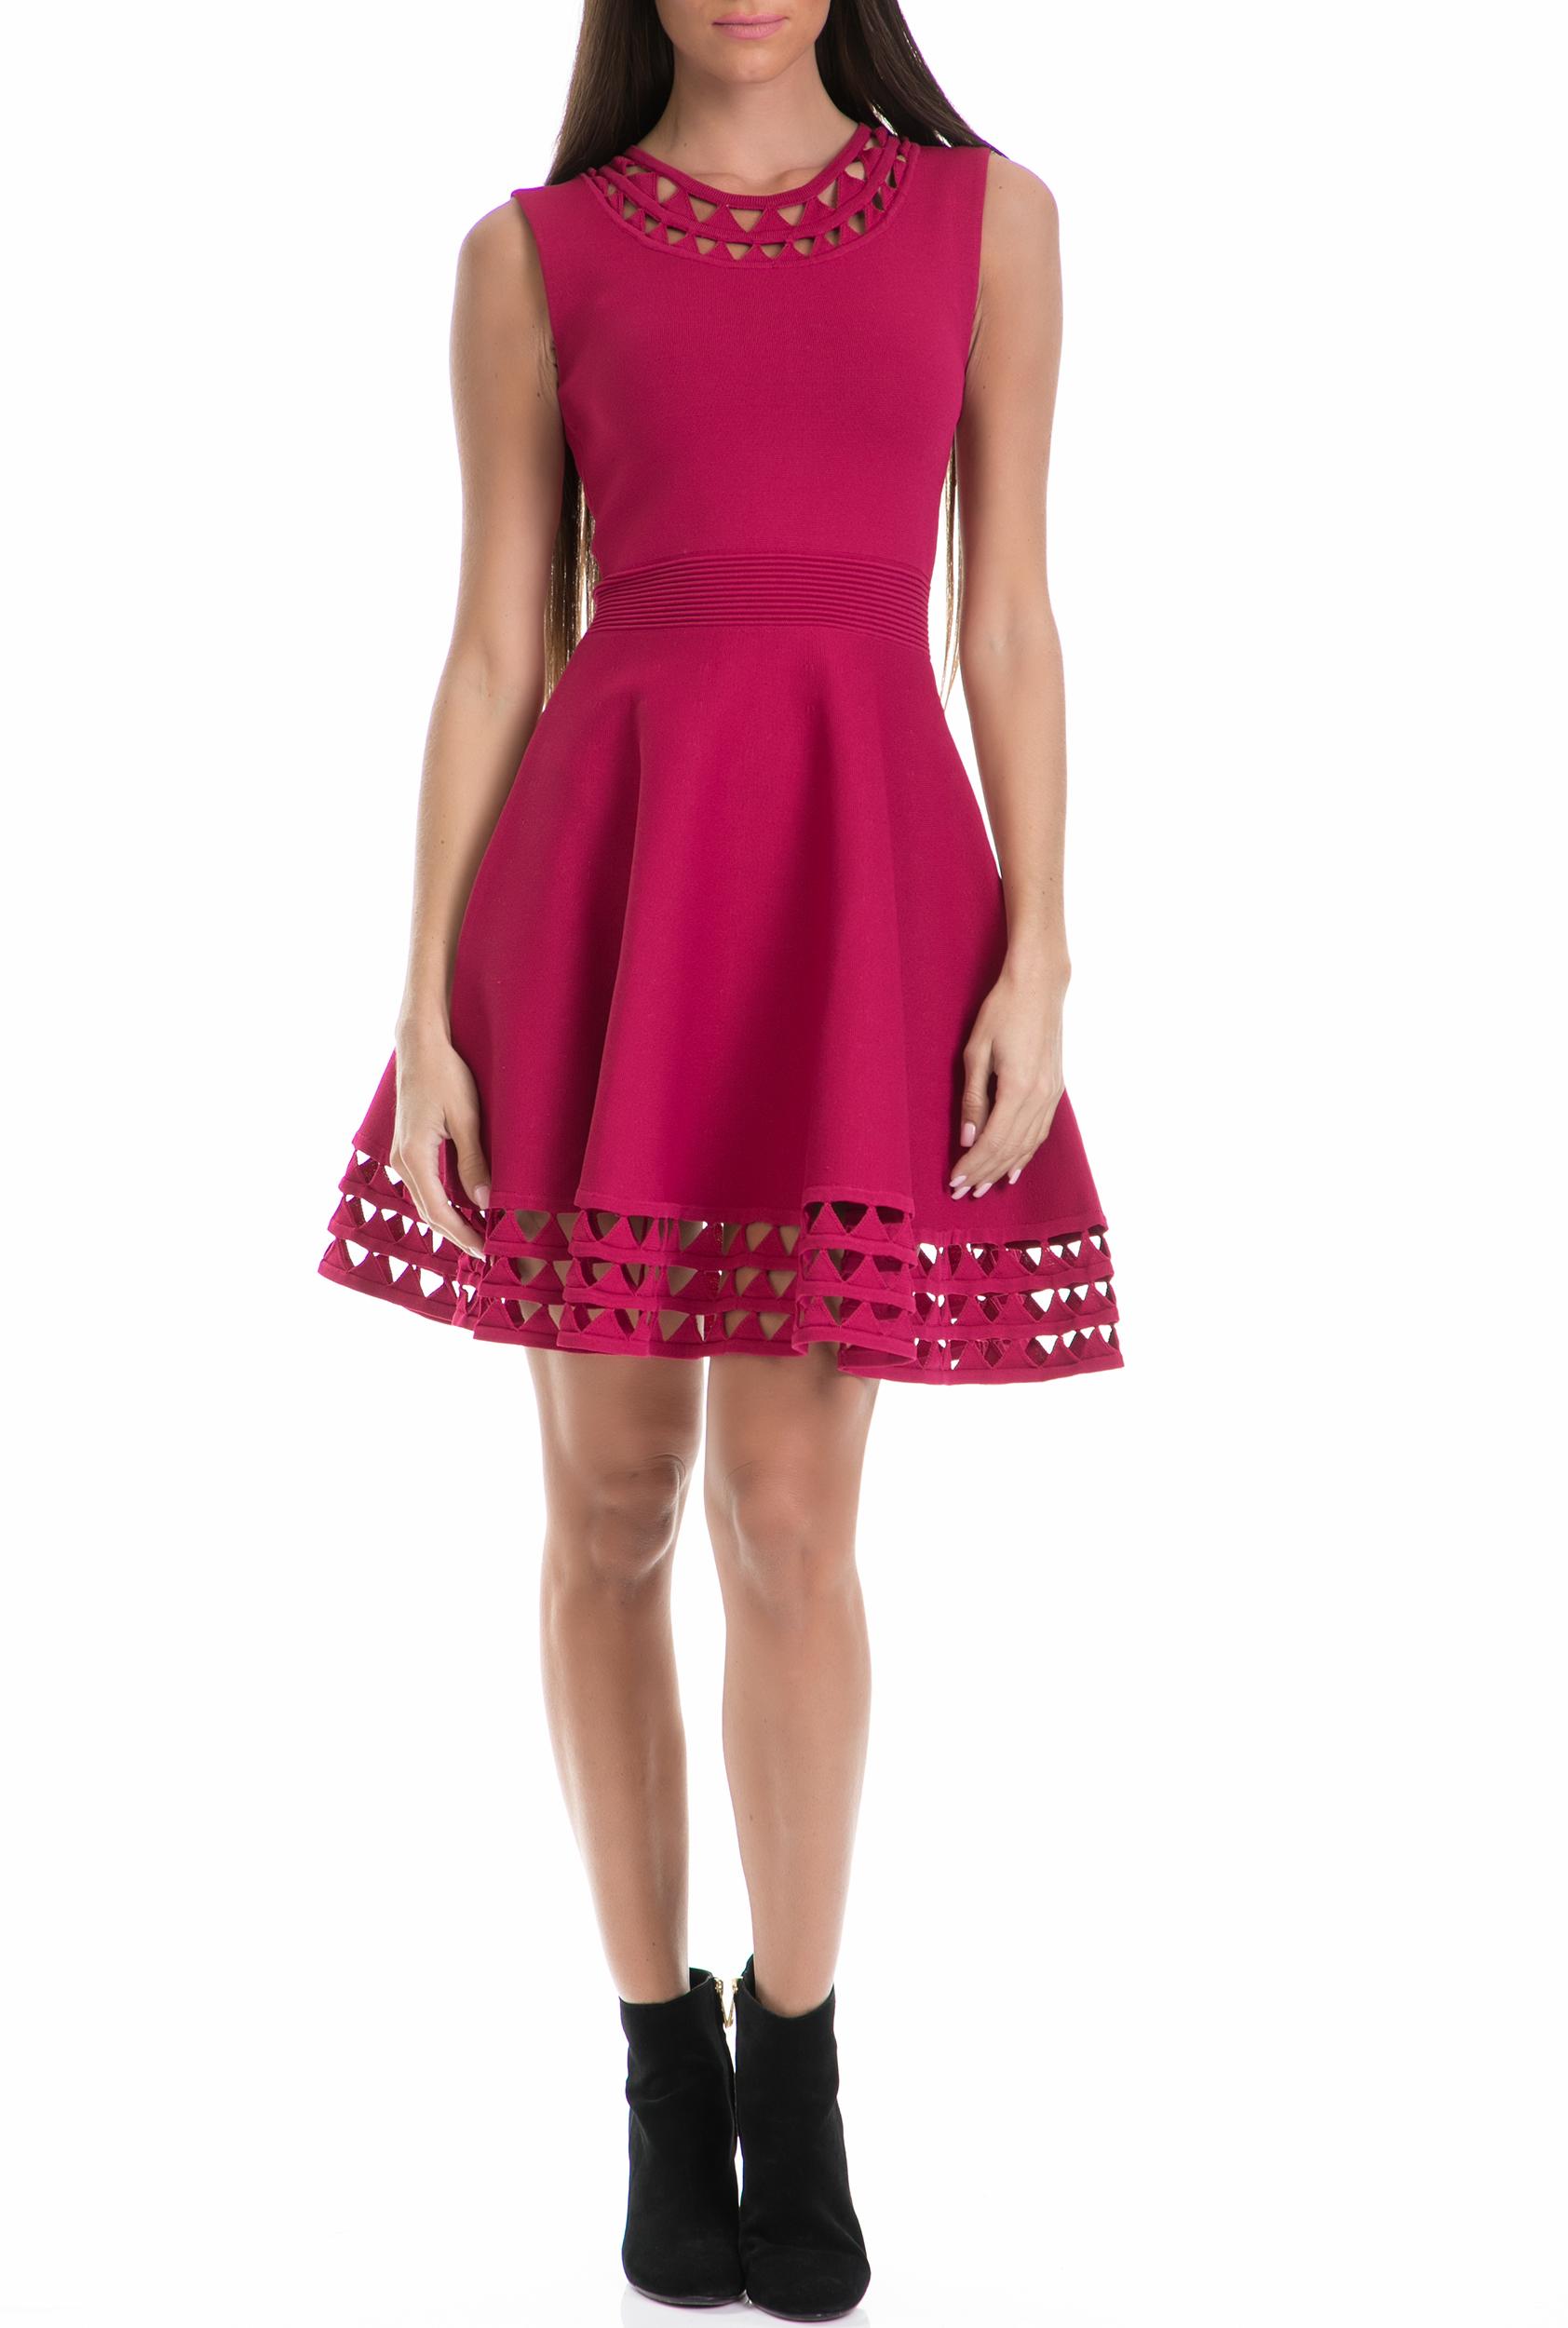 TED BAKER - Γυναικείο φόρεμα KATHRYN TED BAKER ροζ γυναικεία ρούχα φορέματα μίνι